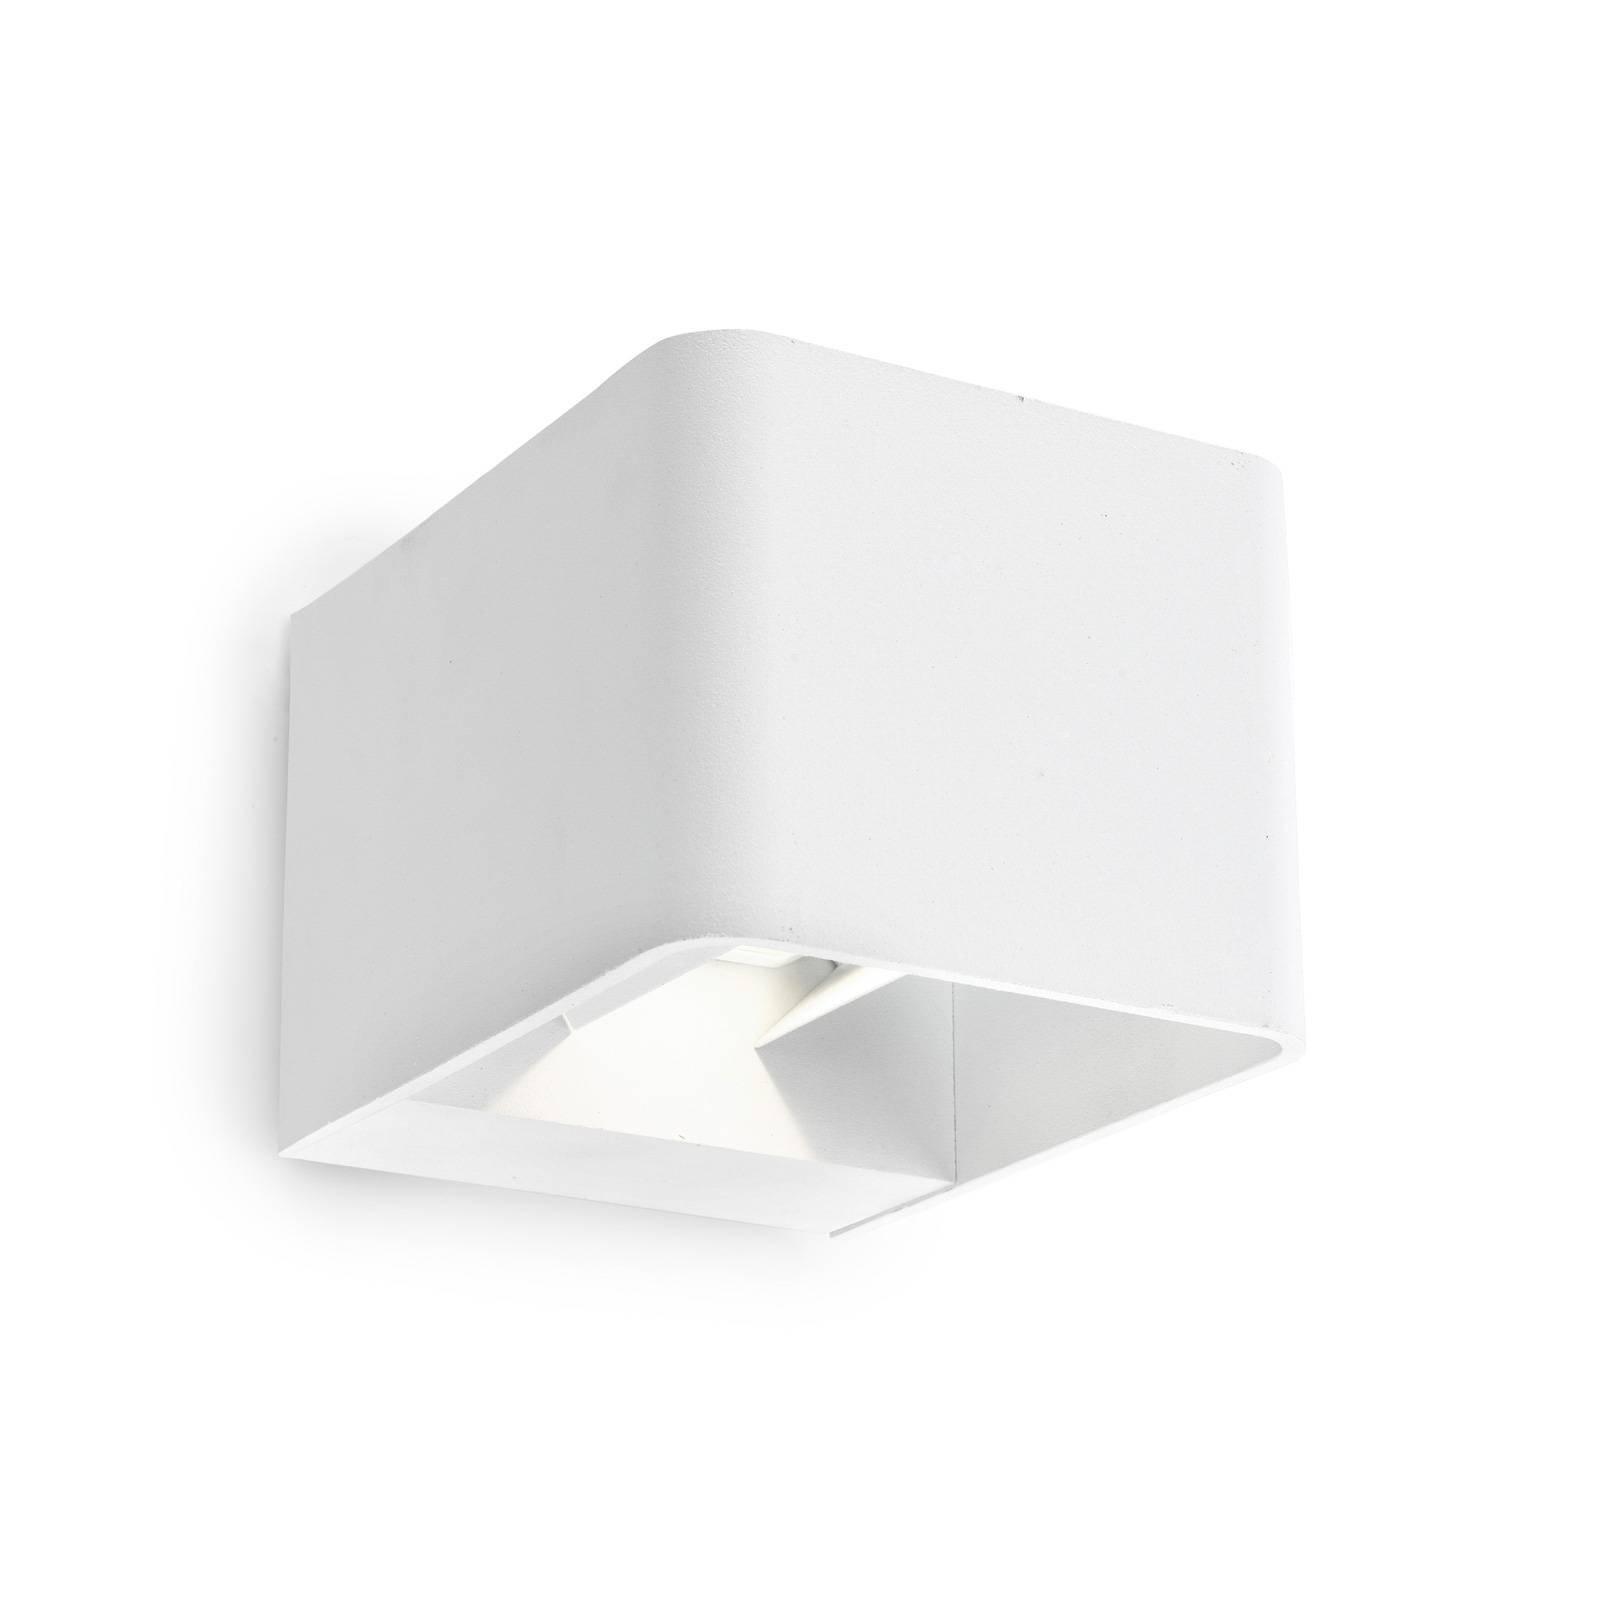 LEDS-C4 Wilson utendørs LED-vegglampe, 11 cm, hvit